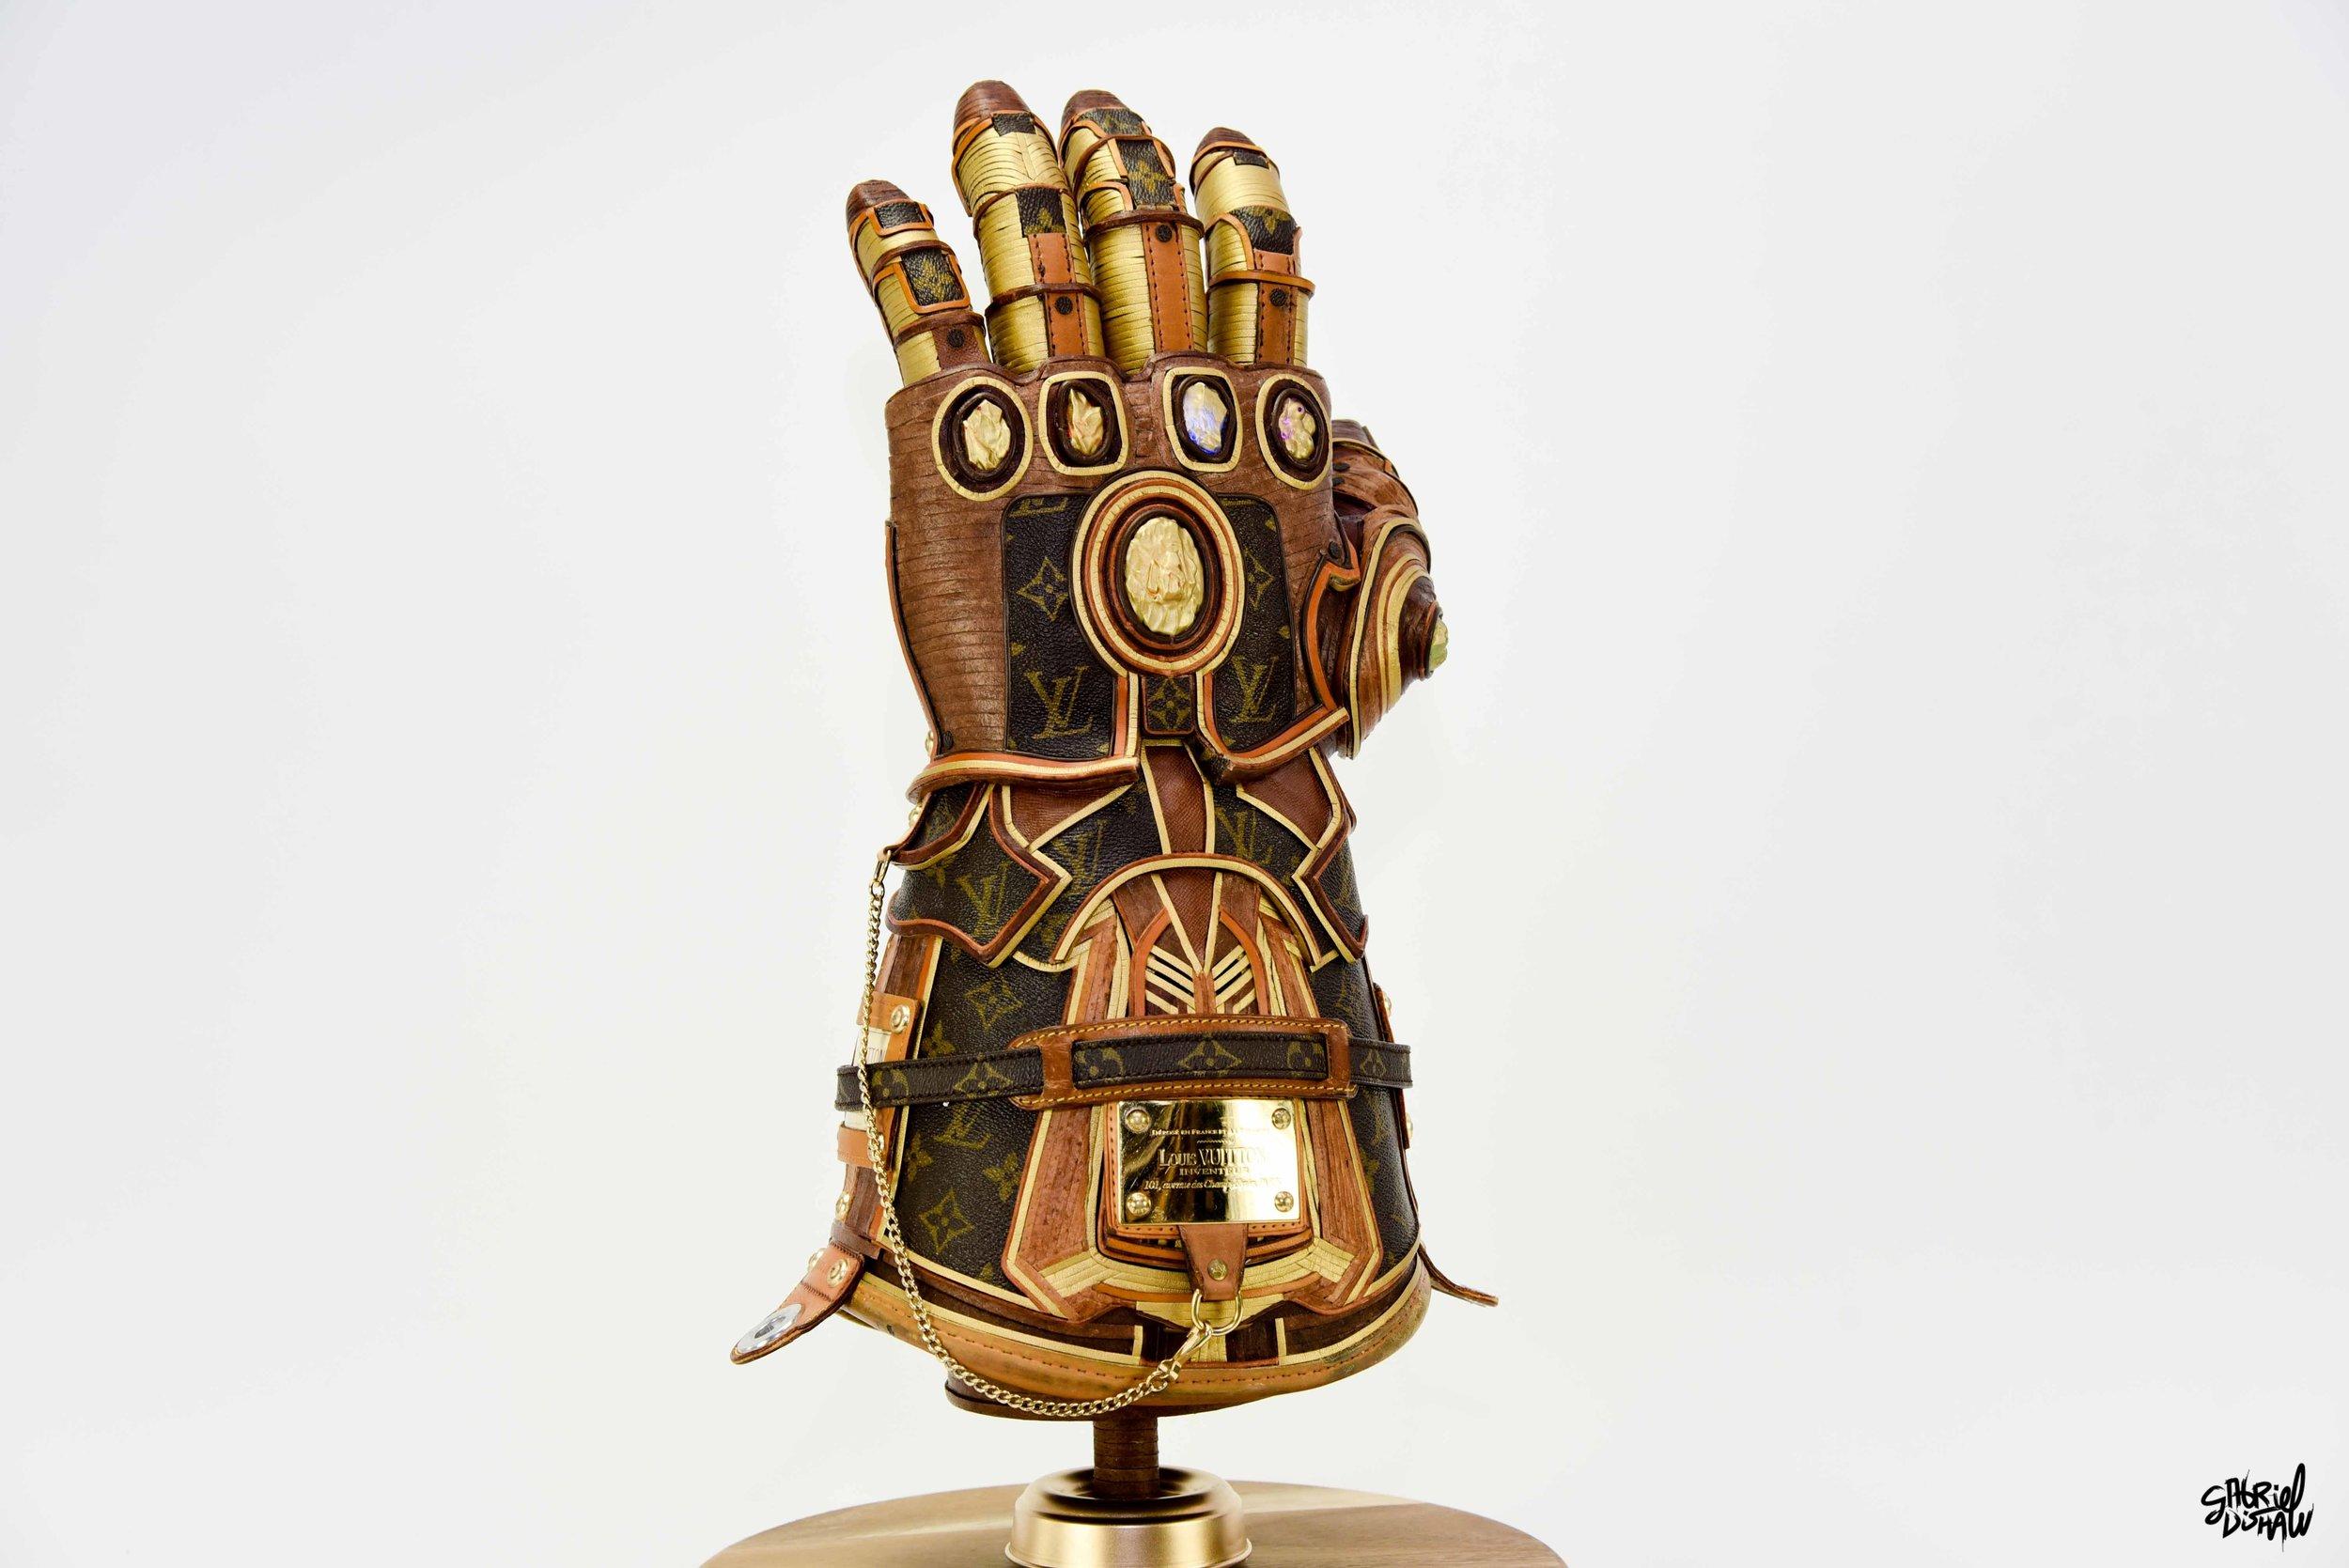 Gabriel Dishaw Infinity Gauntlet LV-9185.jpg